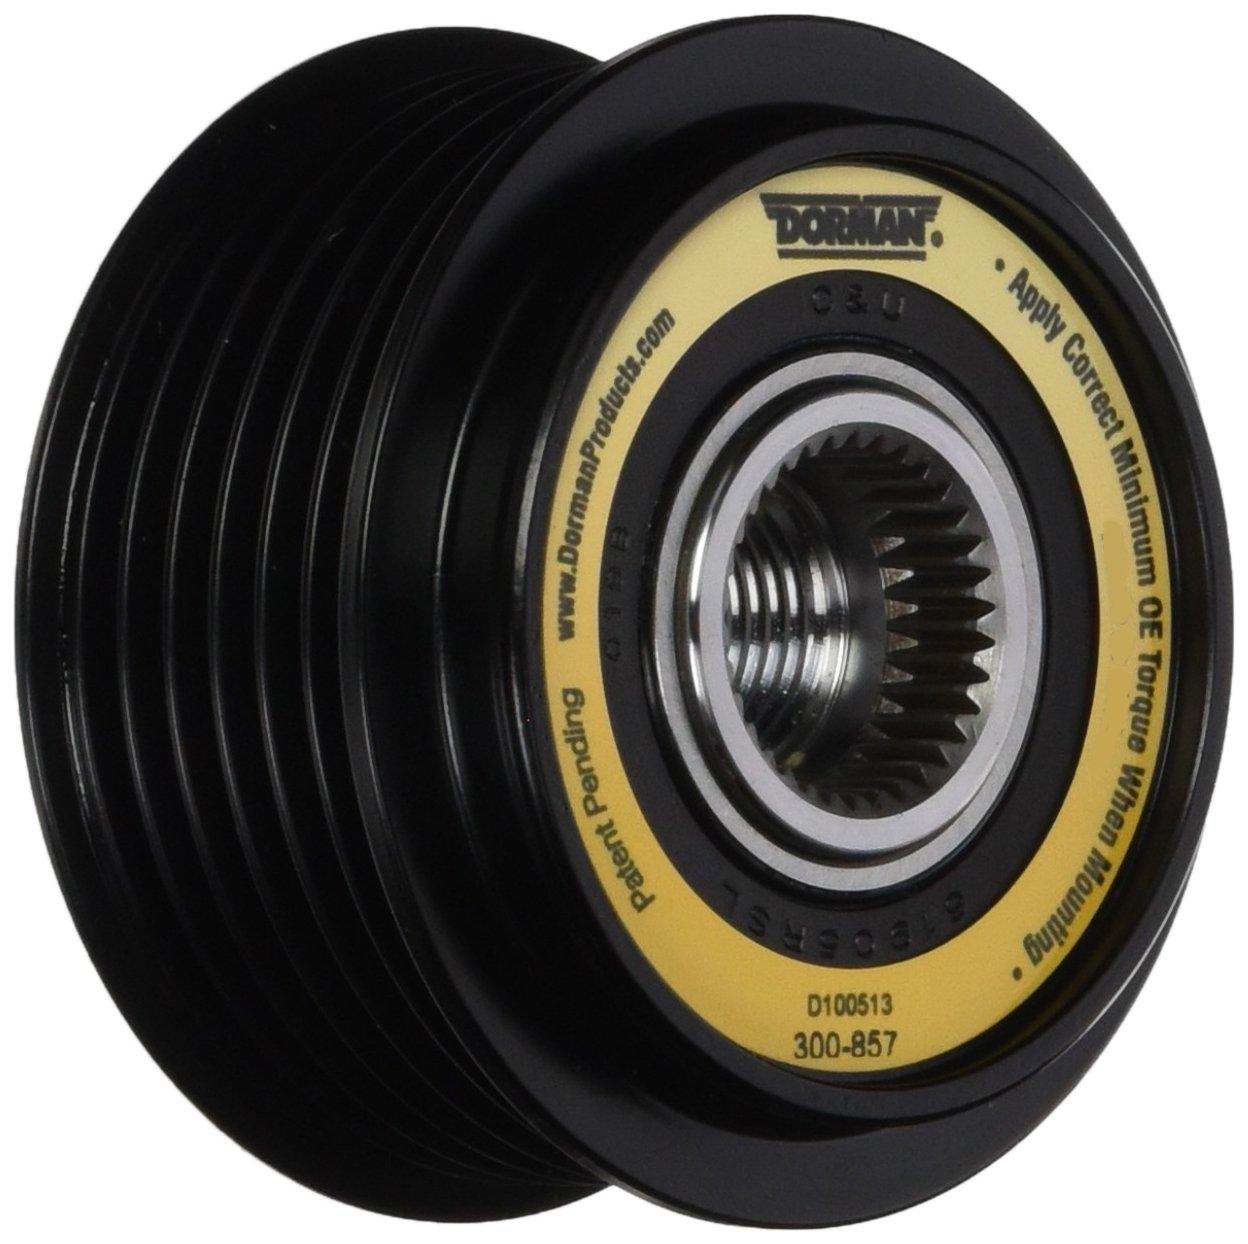 Dorman 300-857 Alternator Pulley Dorman - OE Solutions